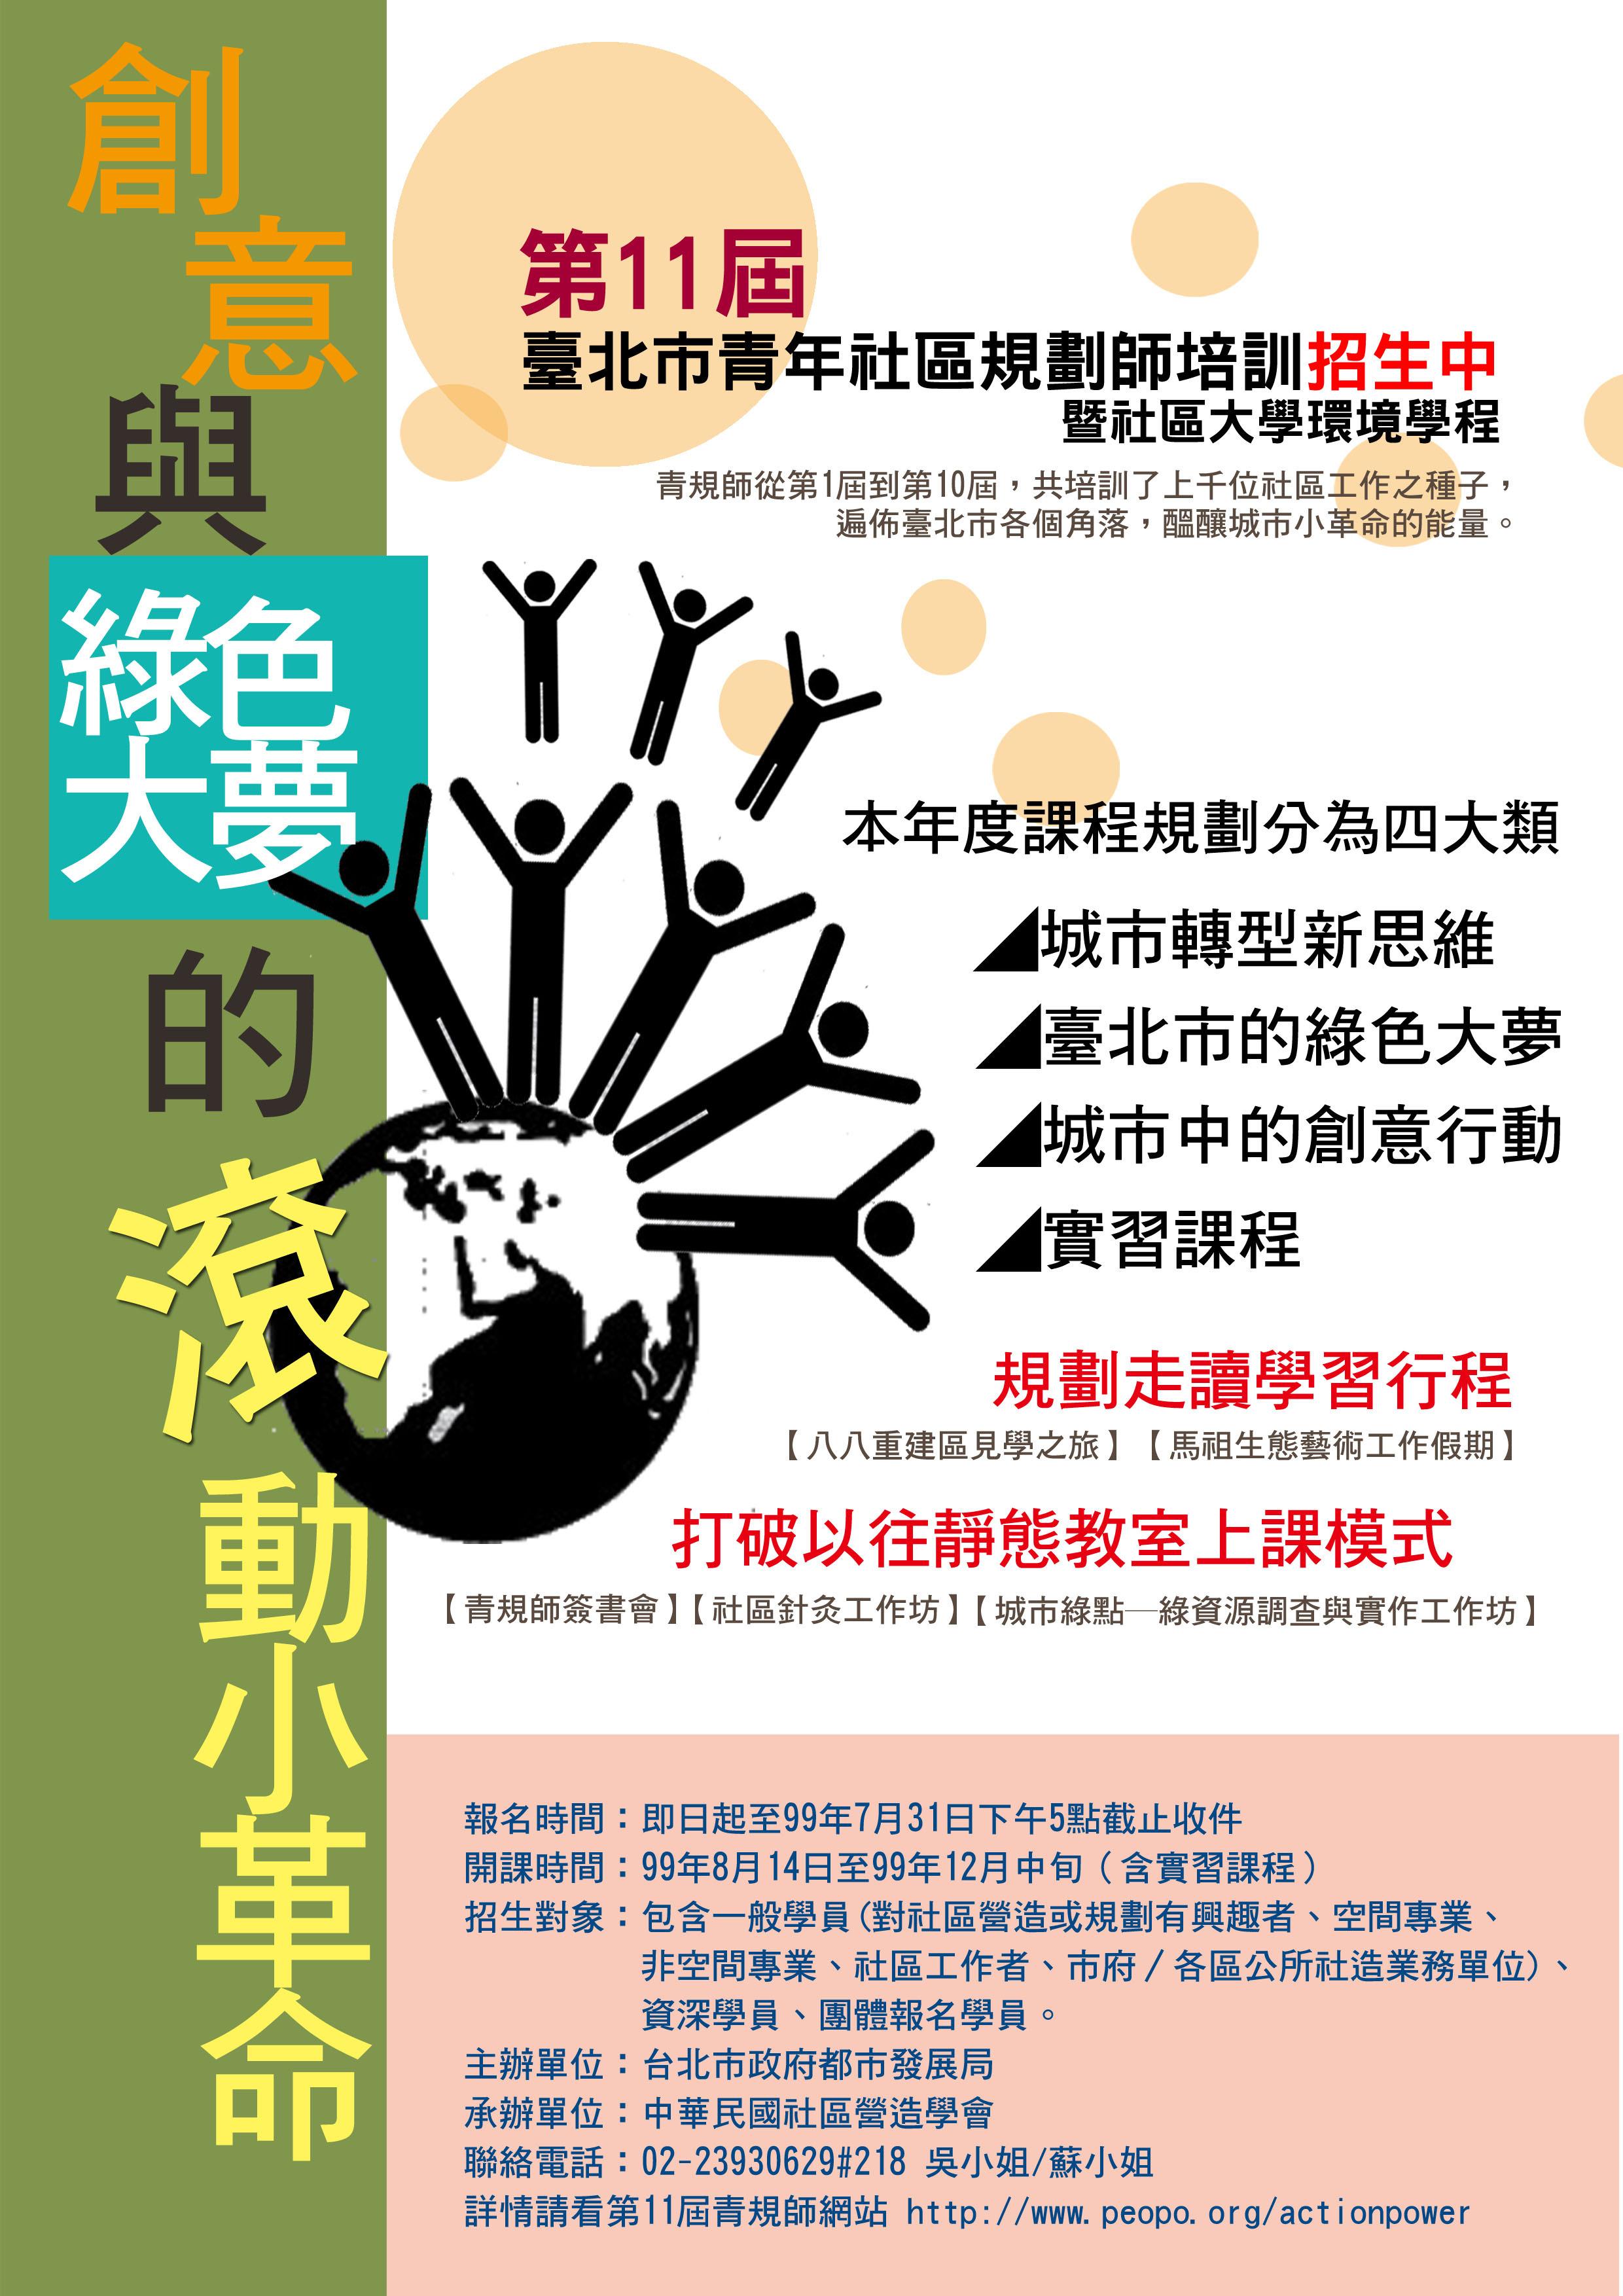 【社造招生】99年度(第11屆)臺北市青年社區規劃師培訓課程 開始招生!